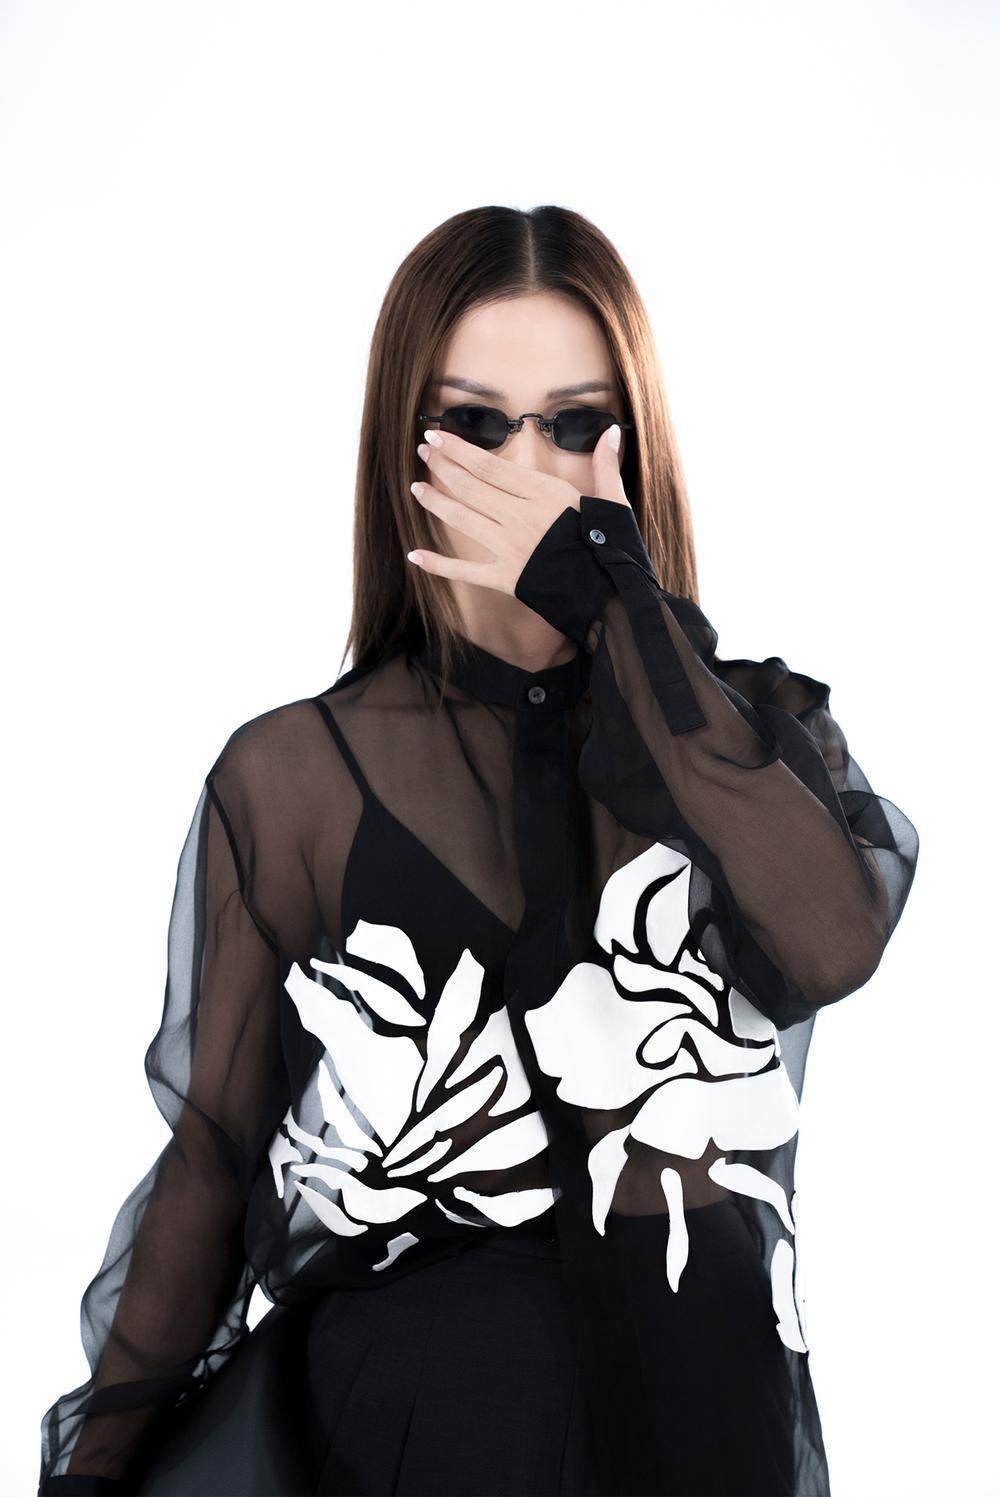 NTK Trần Hùng ra mắt BST tại London Fashion Week, chỉ dùng một người mẫu duy nhất Ảnh 28